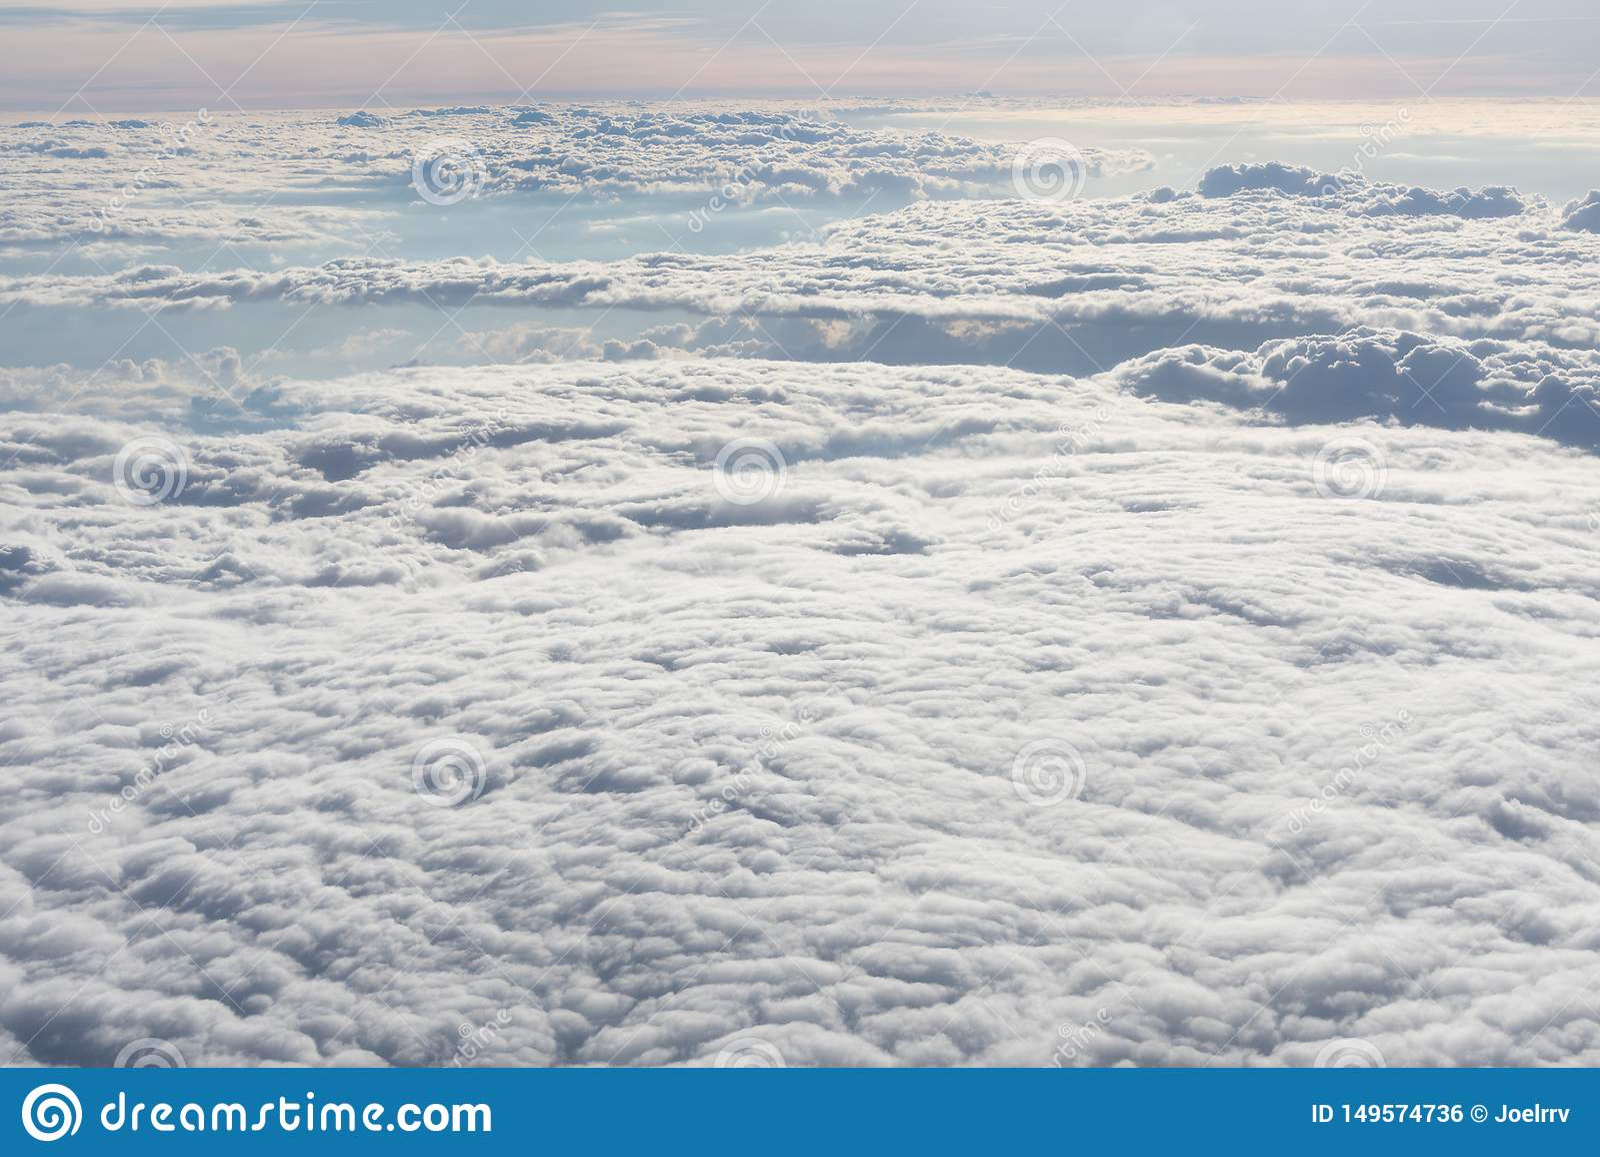 Ändlöst hav av vita moln